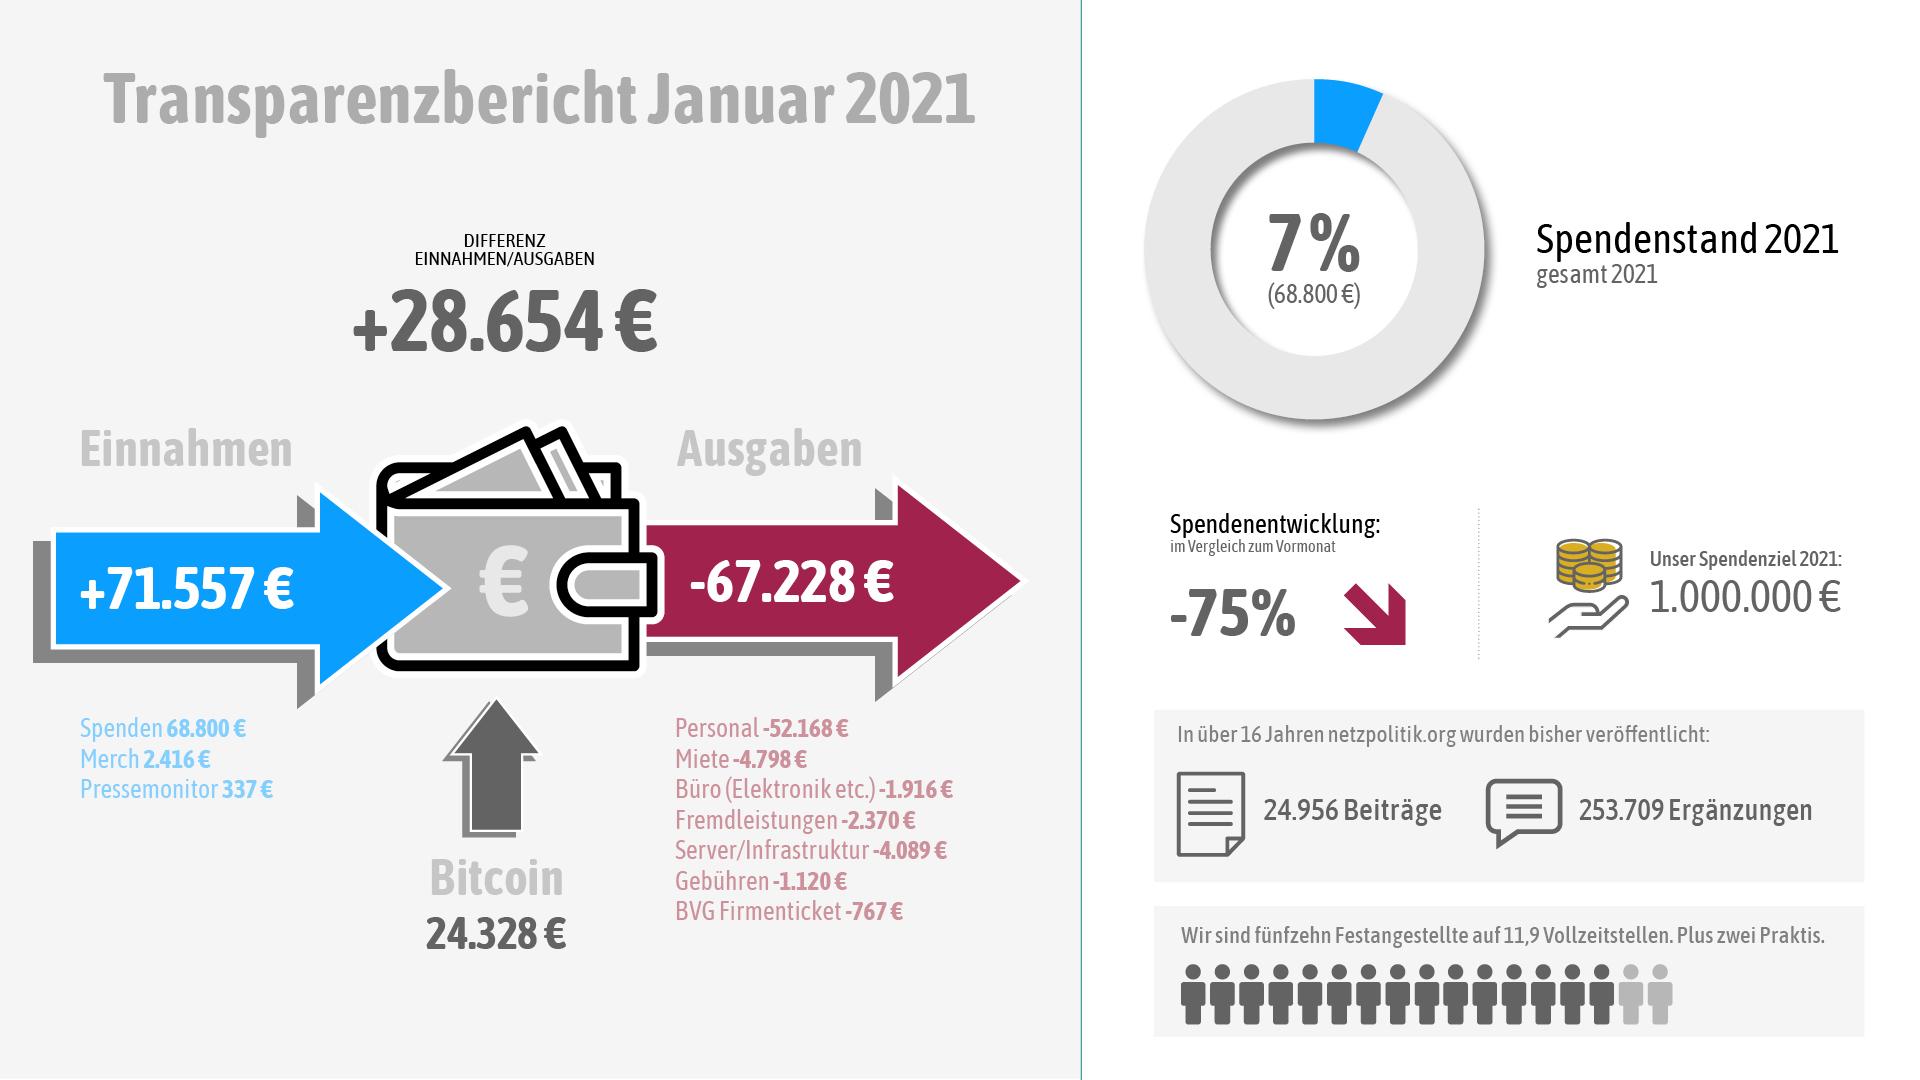 Unsere Einnahmen und Ausgaben im Januar 2021